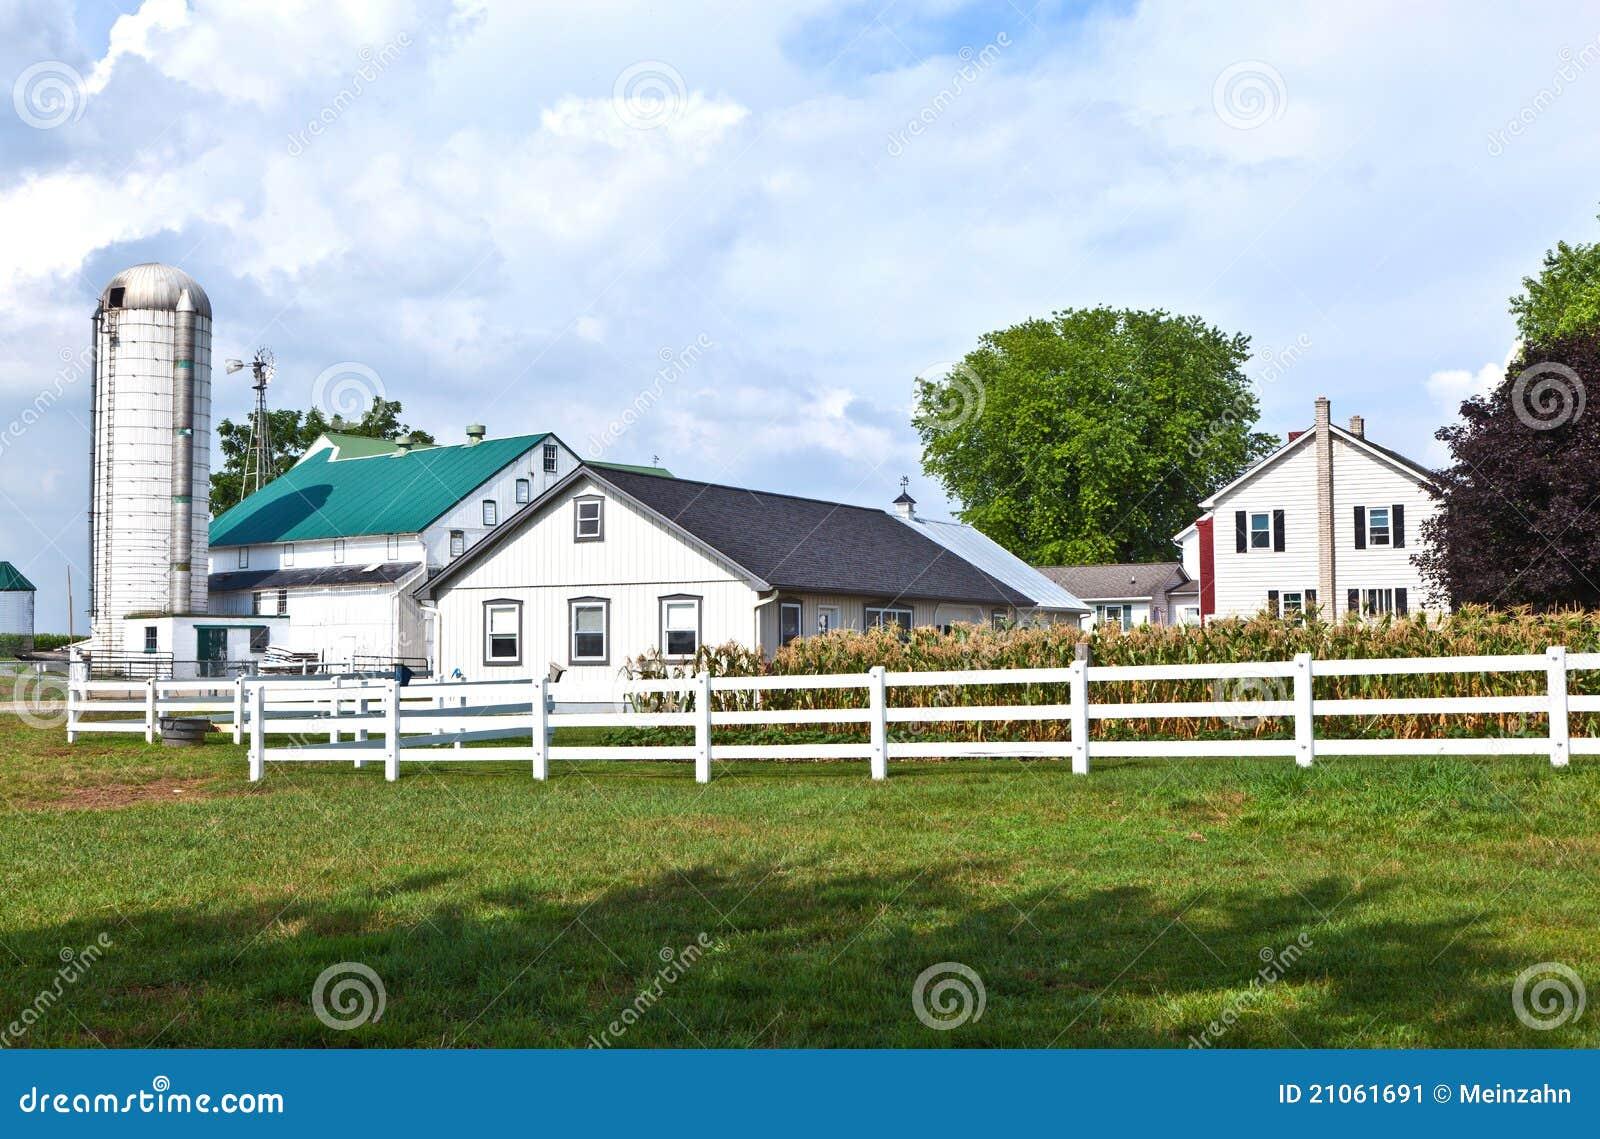 силосохранилище дома поля фермы